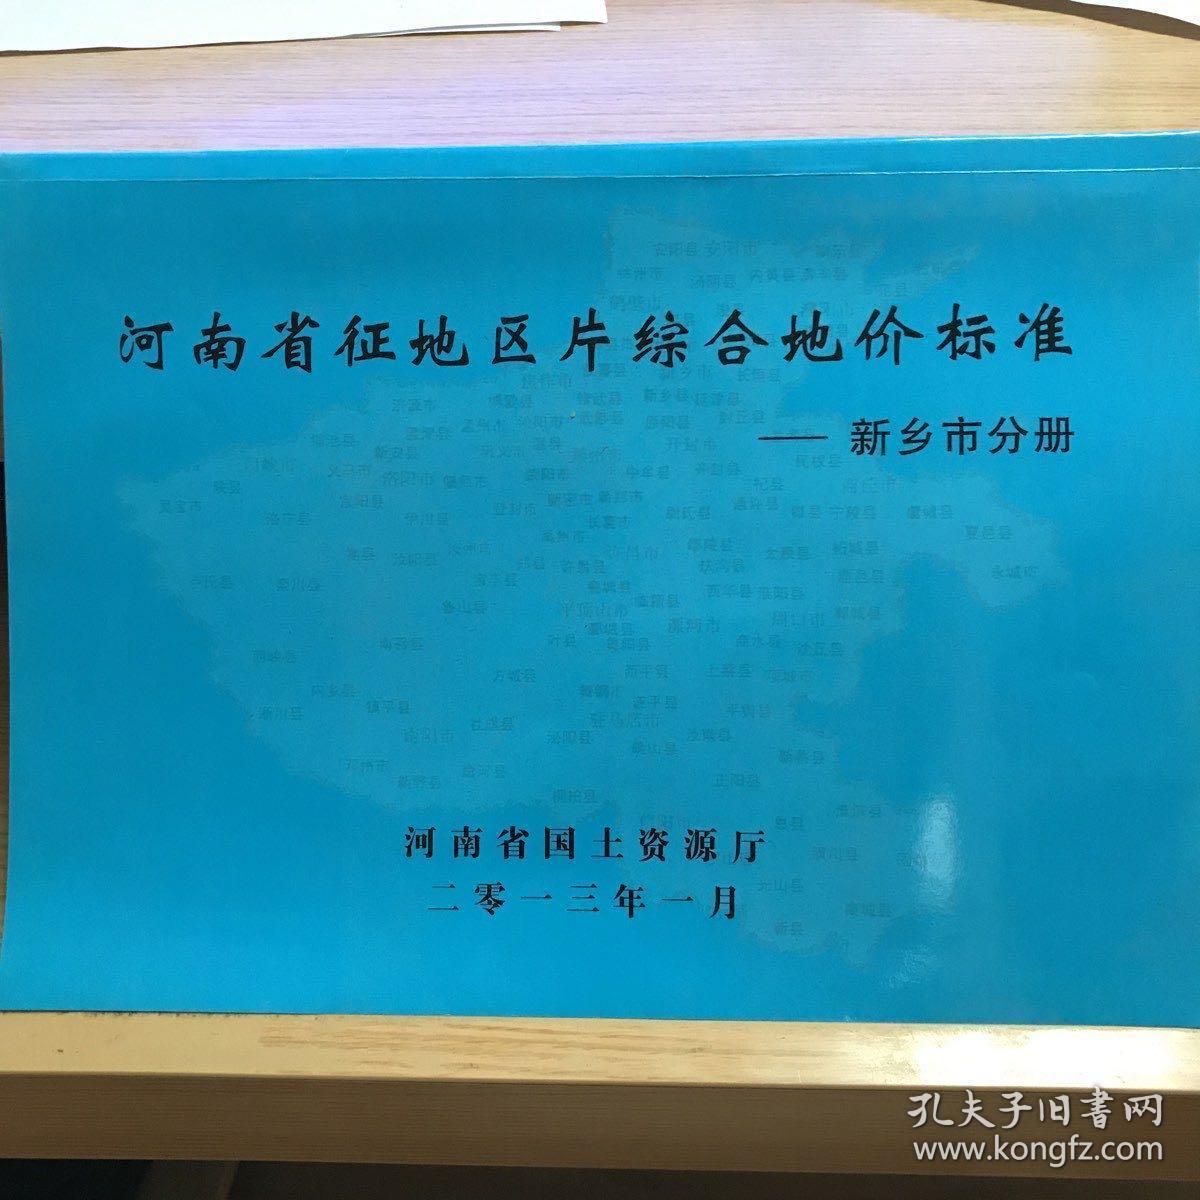 河南省征地区片综合地价标准 新乡市分册 (内有四区八县多图)